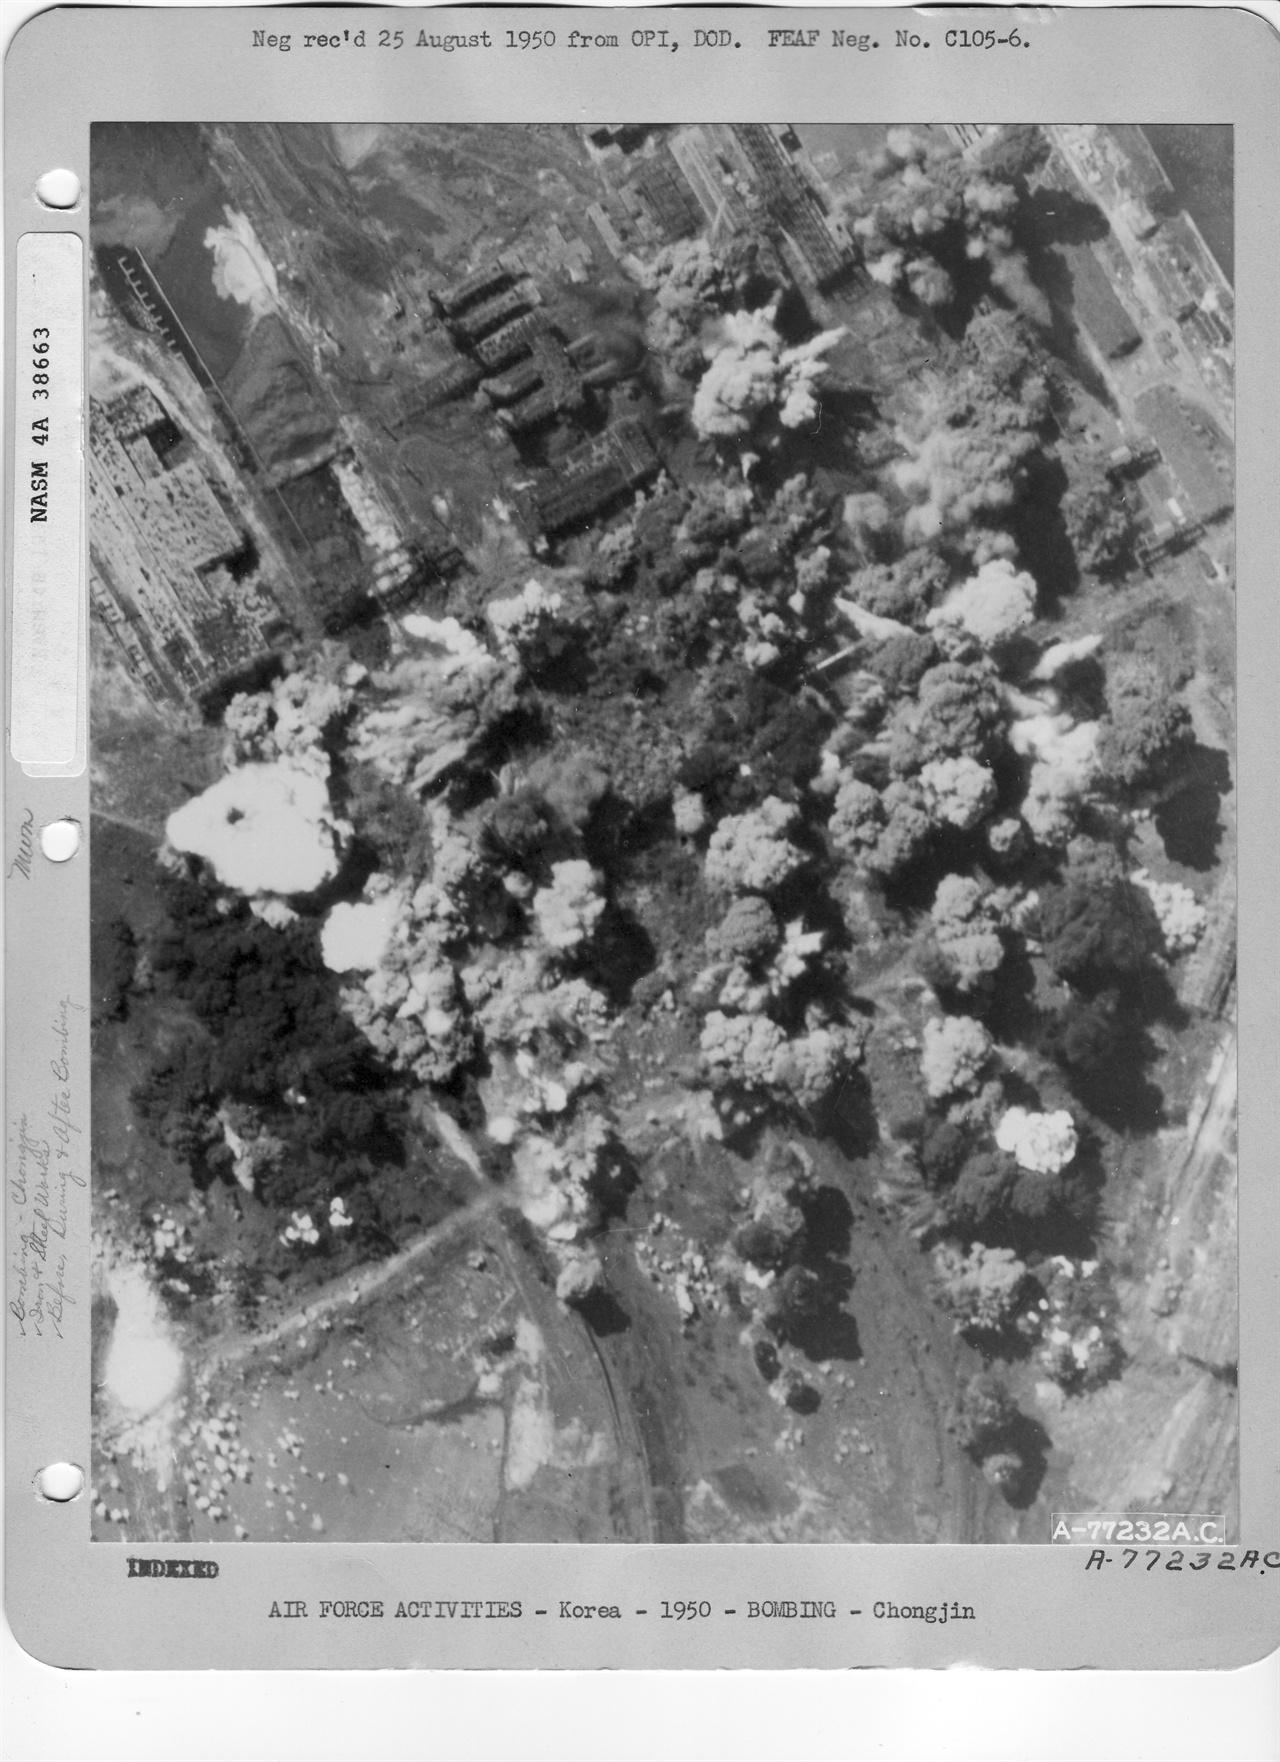 1950. 8. 19. 미 공군 B-29 폭격기가 청진의 공장지대를 맹렬히 폭격하고 있다.